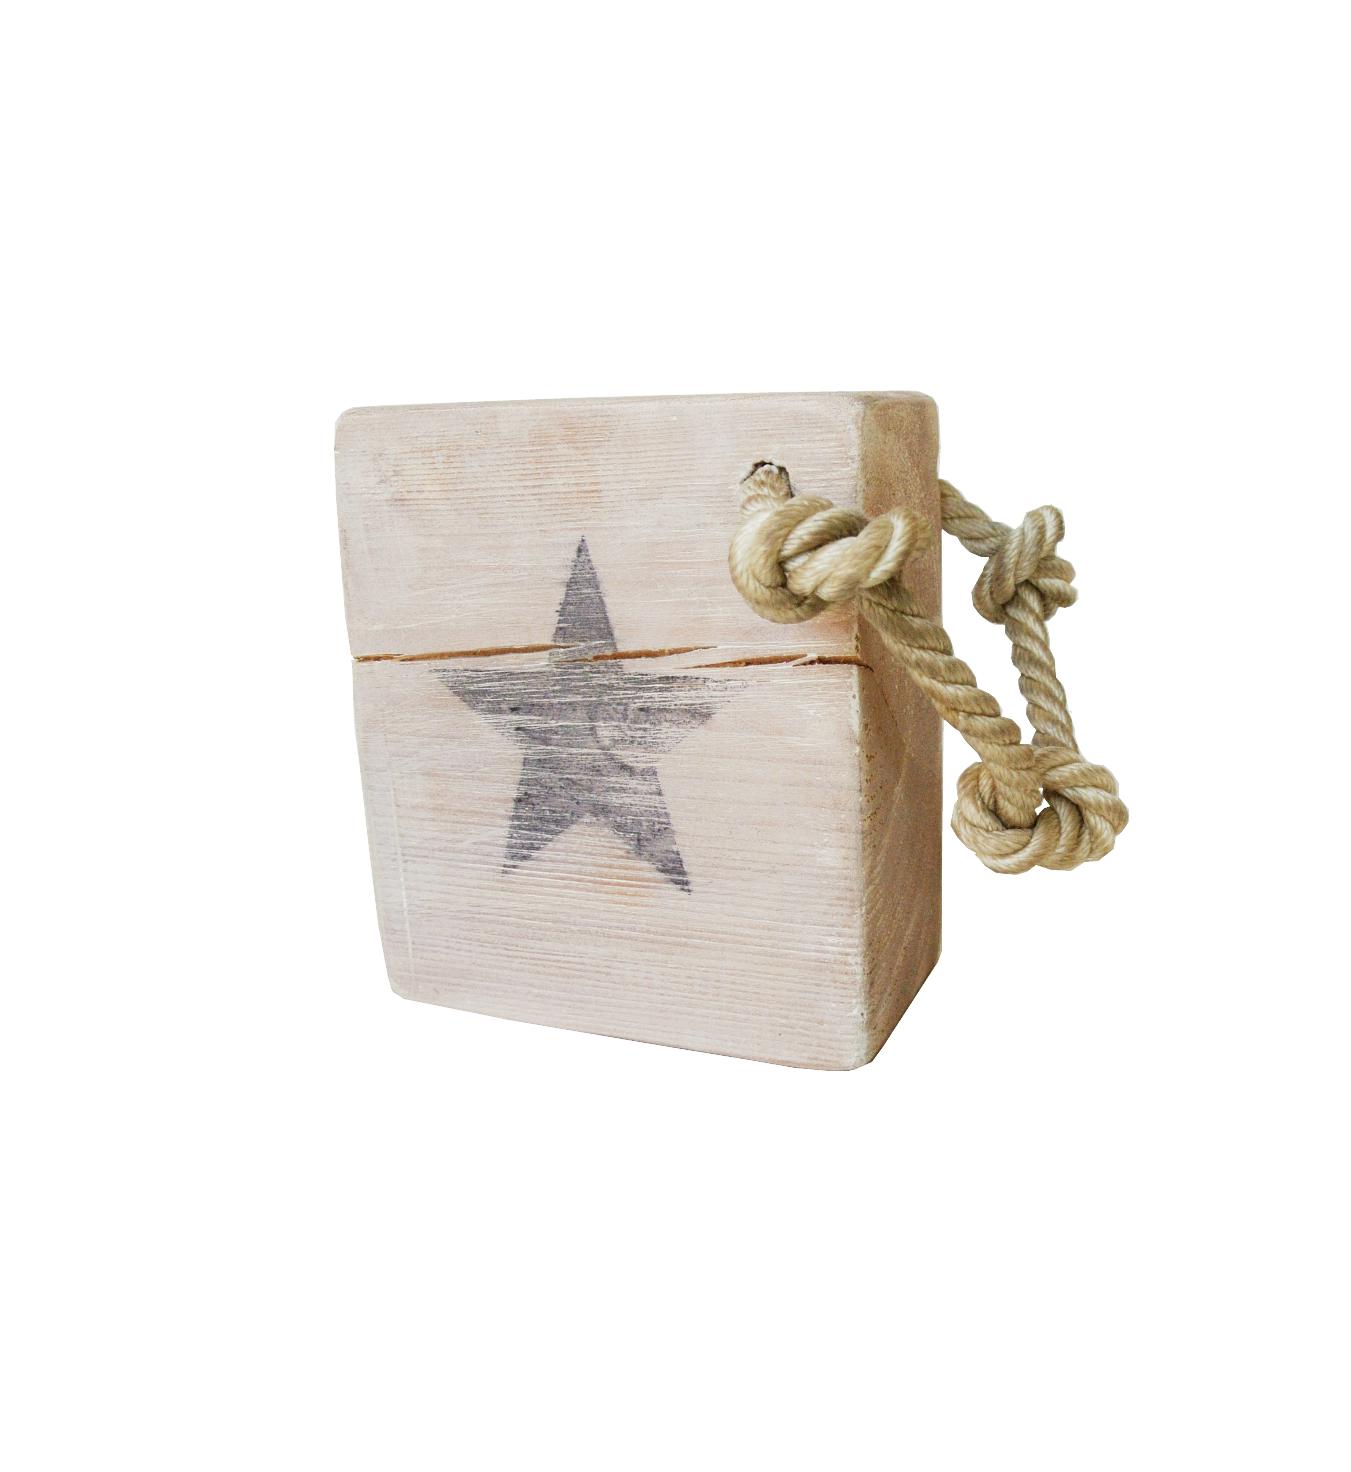 gwizdka,bielenie drewna,stoper do drzwi DIY,drewniane DIY,jak zrobić stoper do drzwi,sznur,supeł,gwiazda,loft,vintage,styl loft,młodzieżowy,drzwi,stare drewno DIY